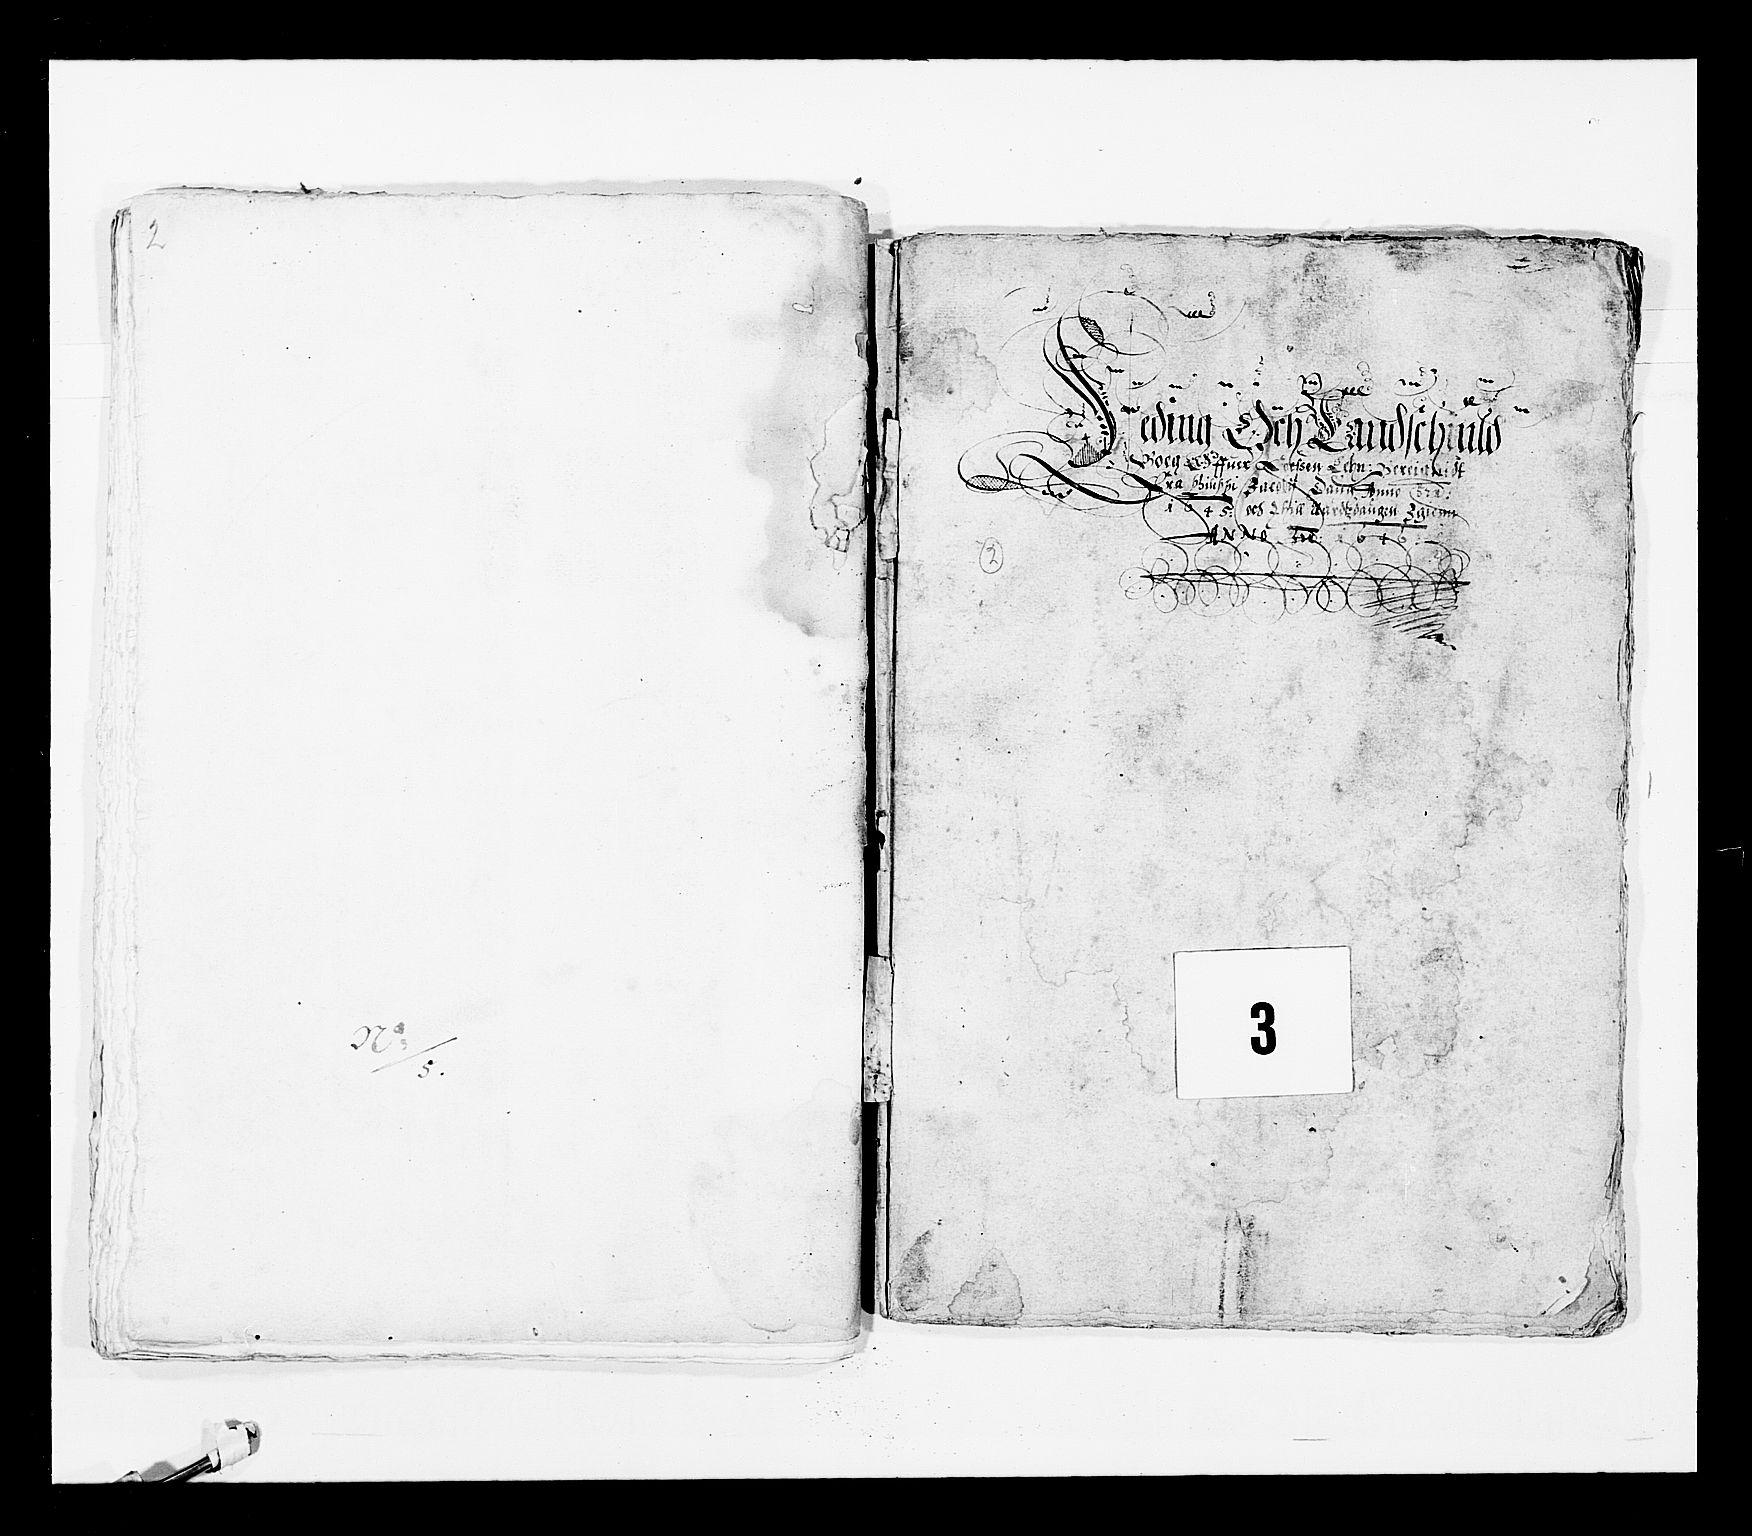 RA, Stattholderembetet 1572-1771, Ek/L0028: Jordebøker 1633-1658:, 1645-1646, s. 51